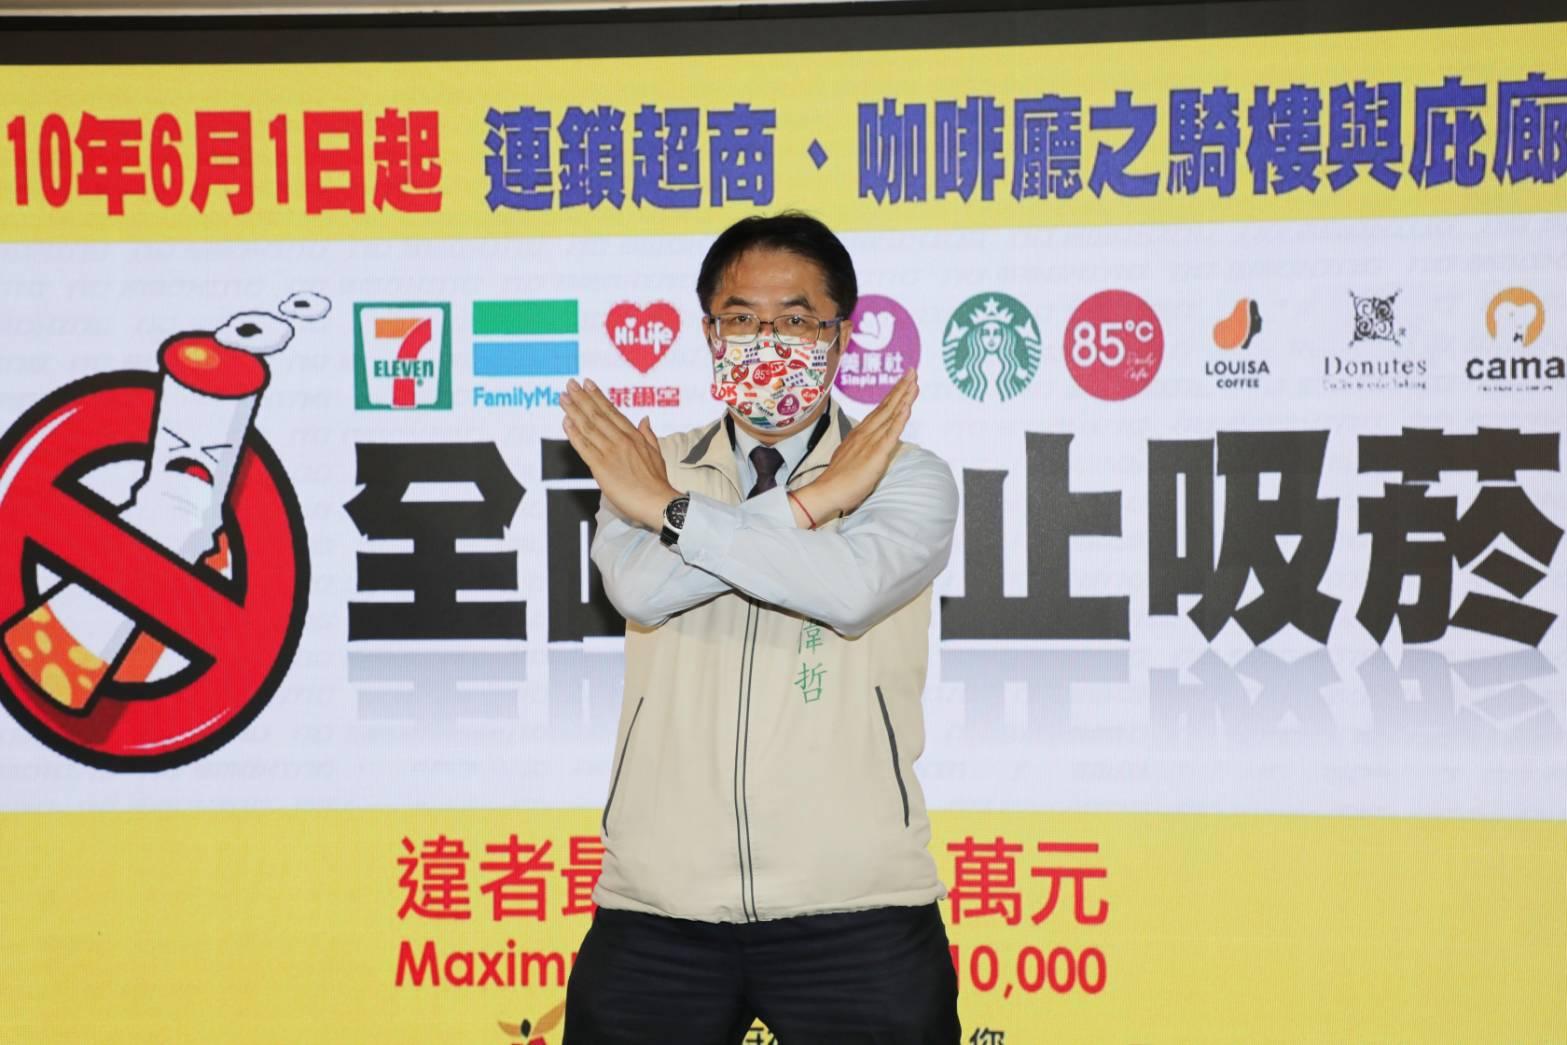 台南市推行法定無菸騎樓記者會